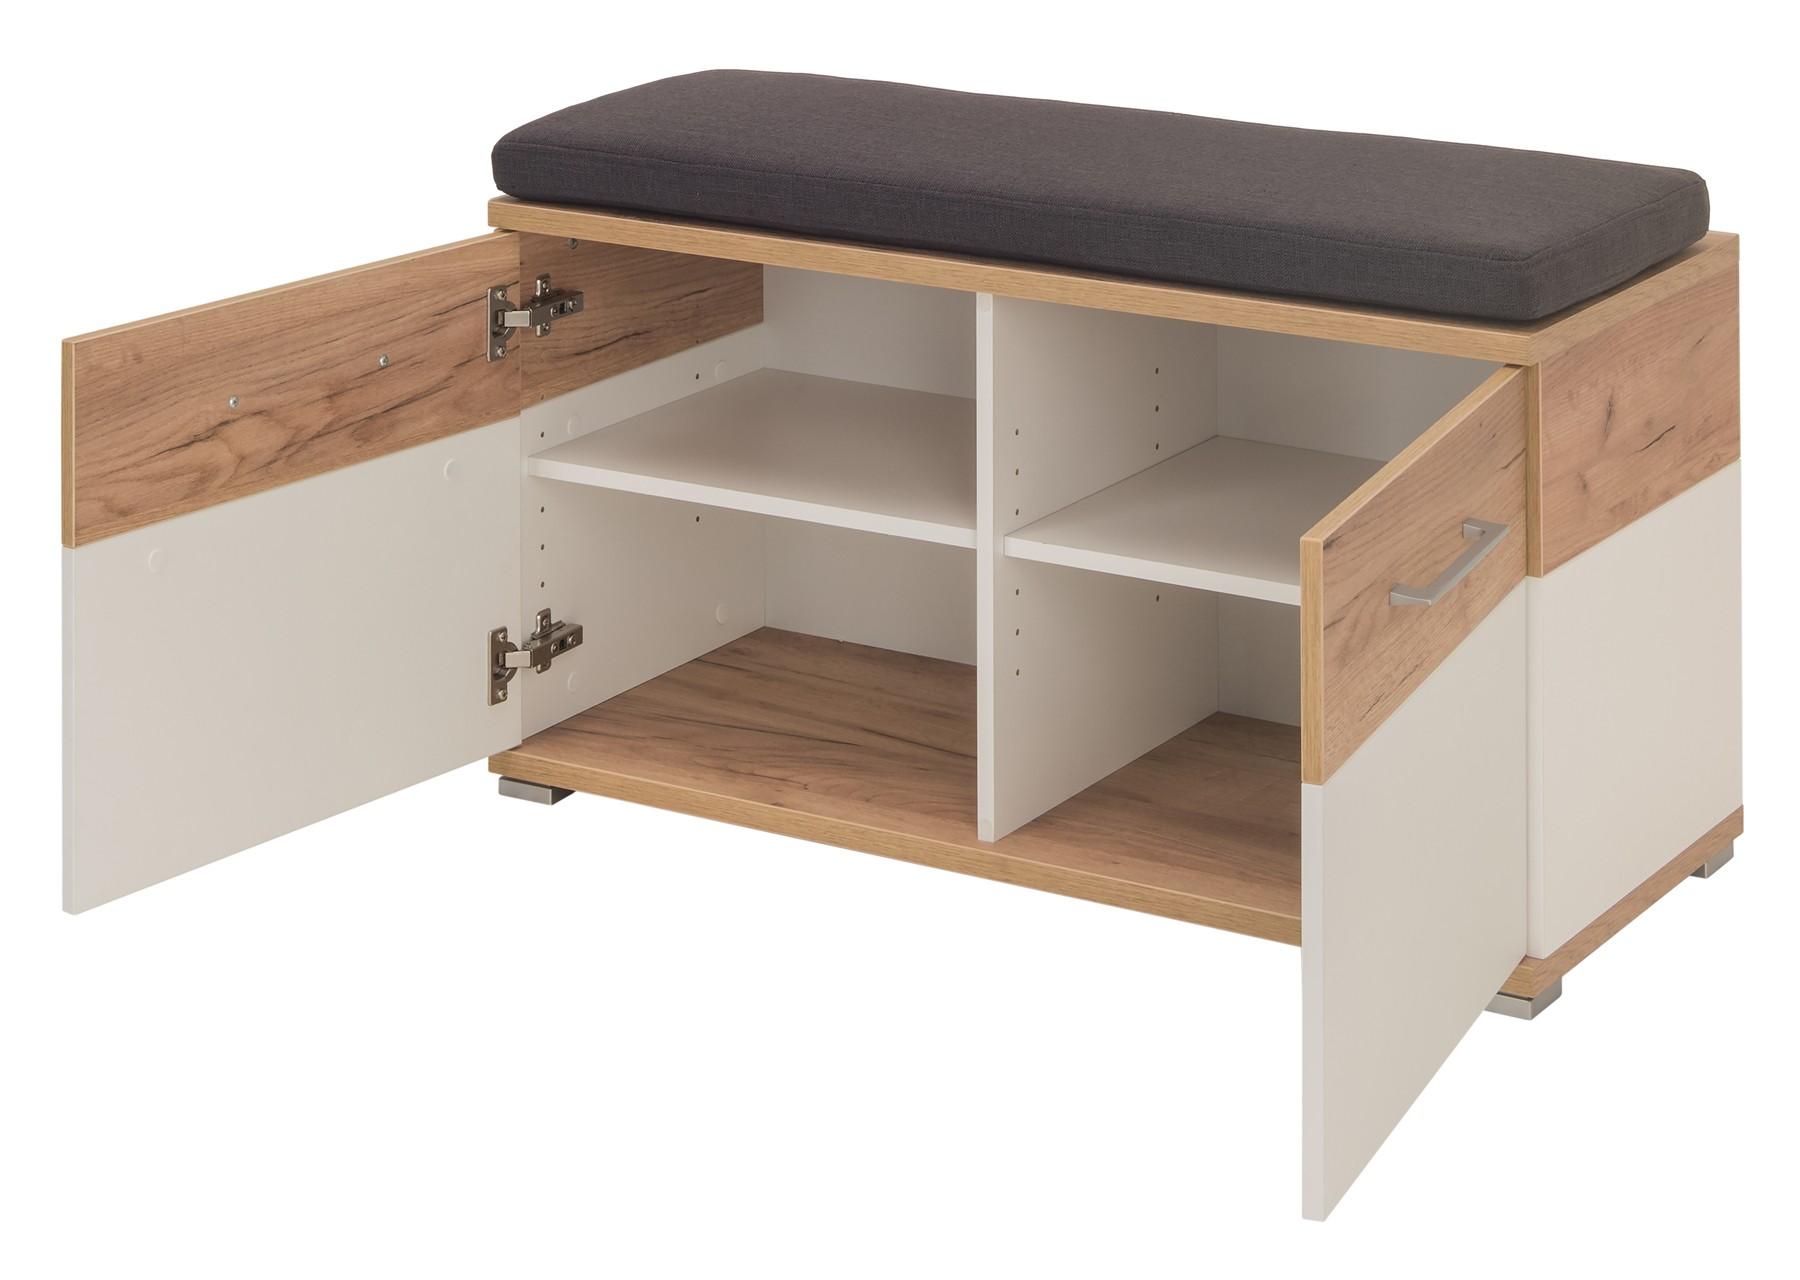 schuhbank wildeiche cool schuhbank rioja in wildeiche bianco mit klappe with schuhbank. Black Bedroom Furniture Sets. Home Design Ideas